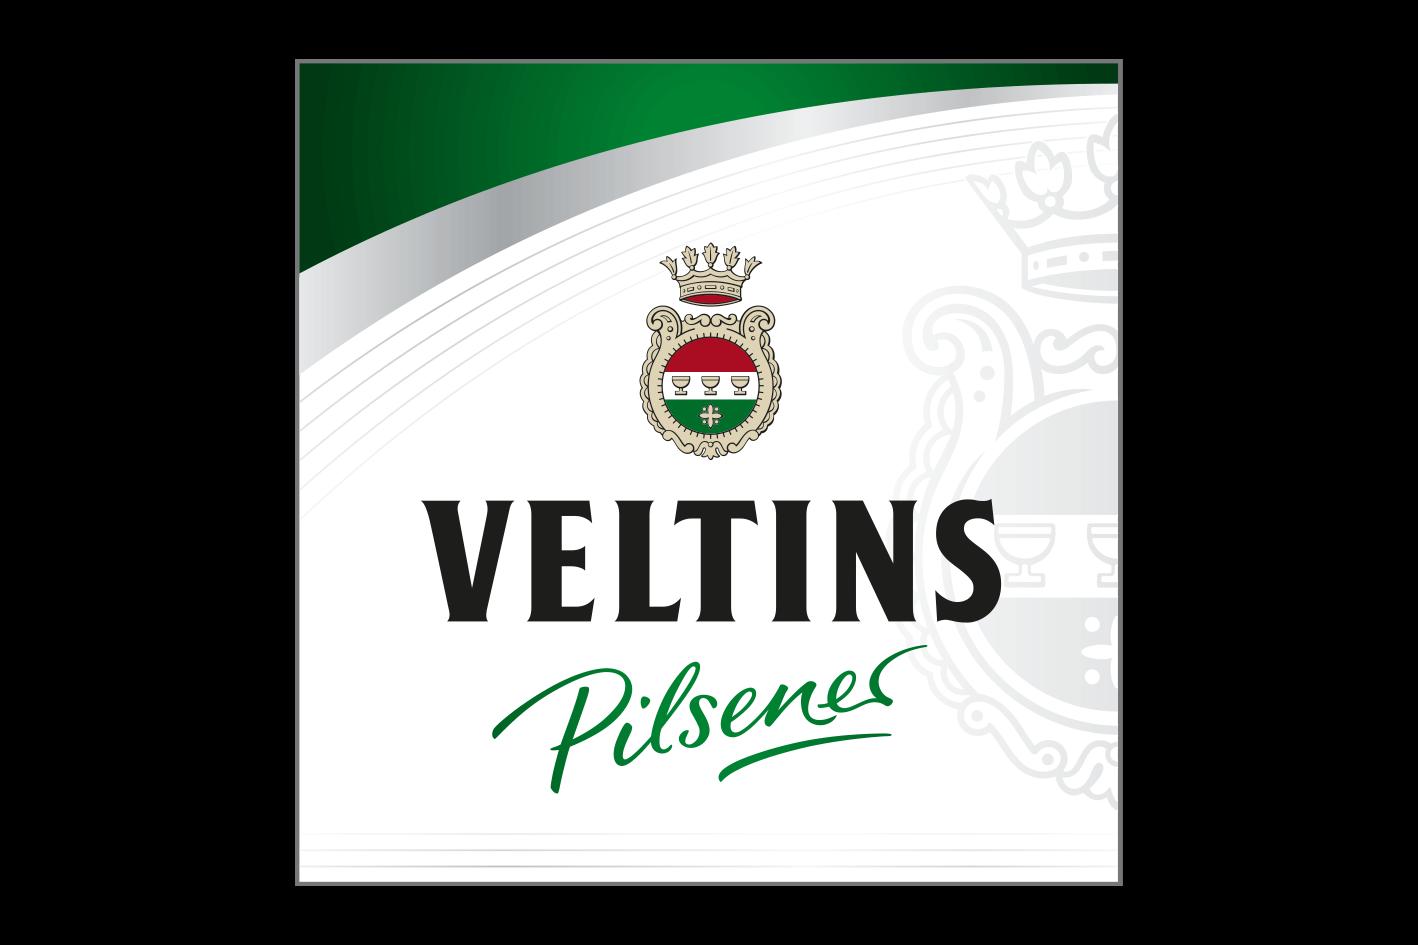 Altay Werbung Referenz - Brauerei C.& A. VELTINS GmbH & Co. KG